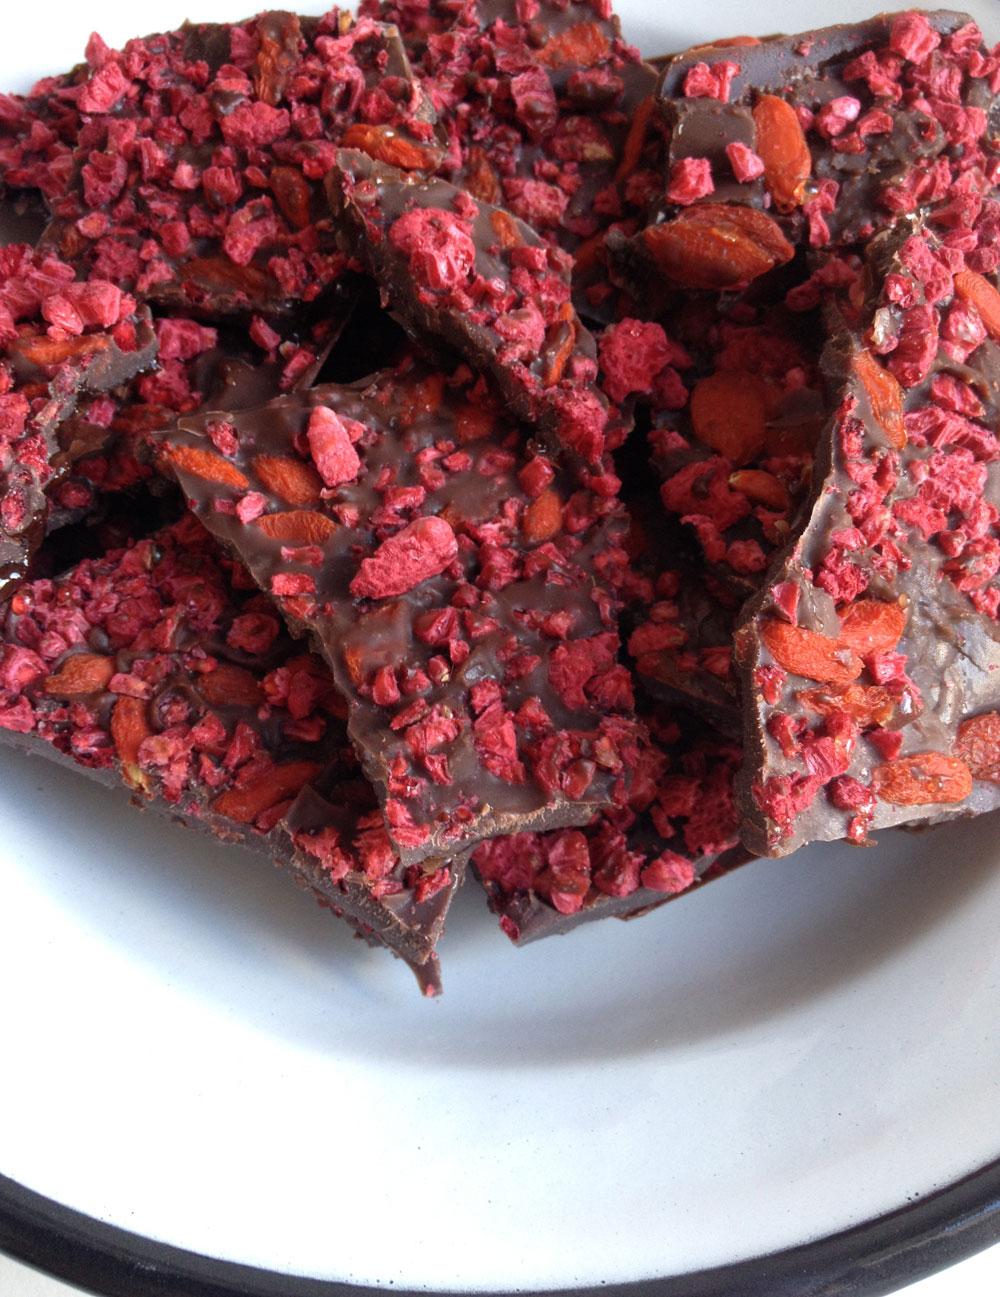 Raw chocolade met gojibessen en frambozen